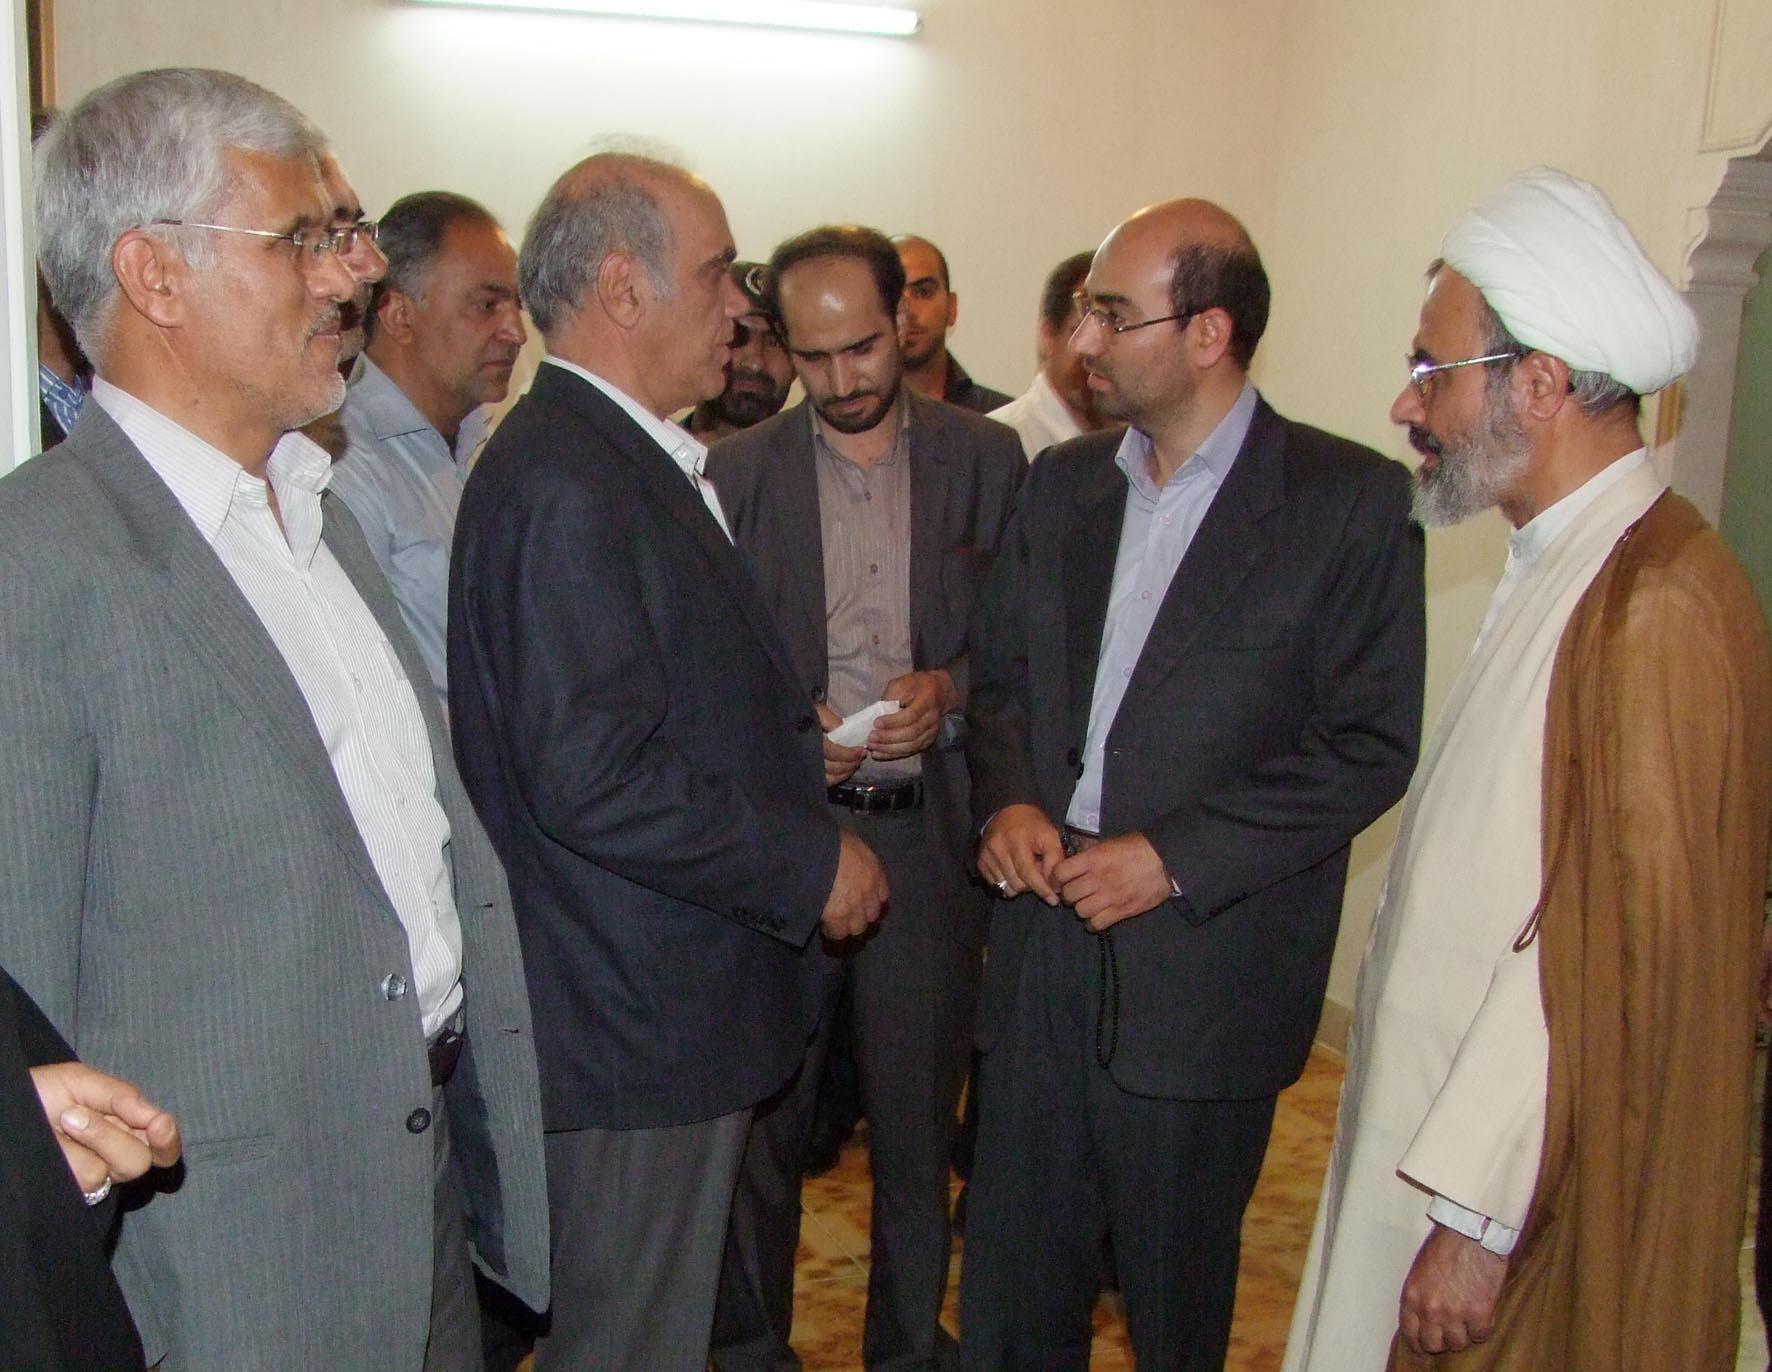 ابوترابی: تنها اولویت سفر جهانگیری به اصفهان، رفع مشکل آب باشد